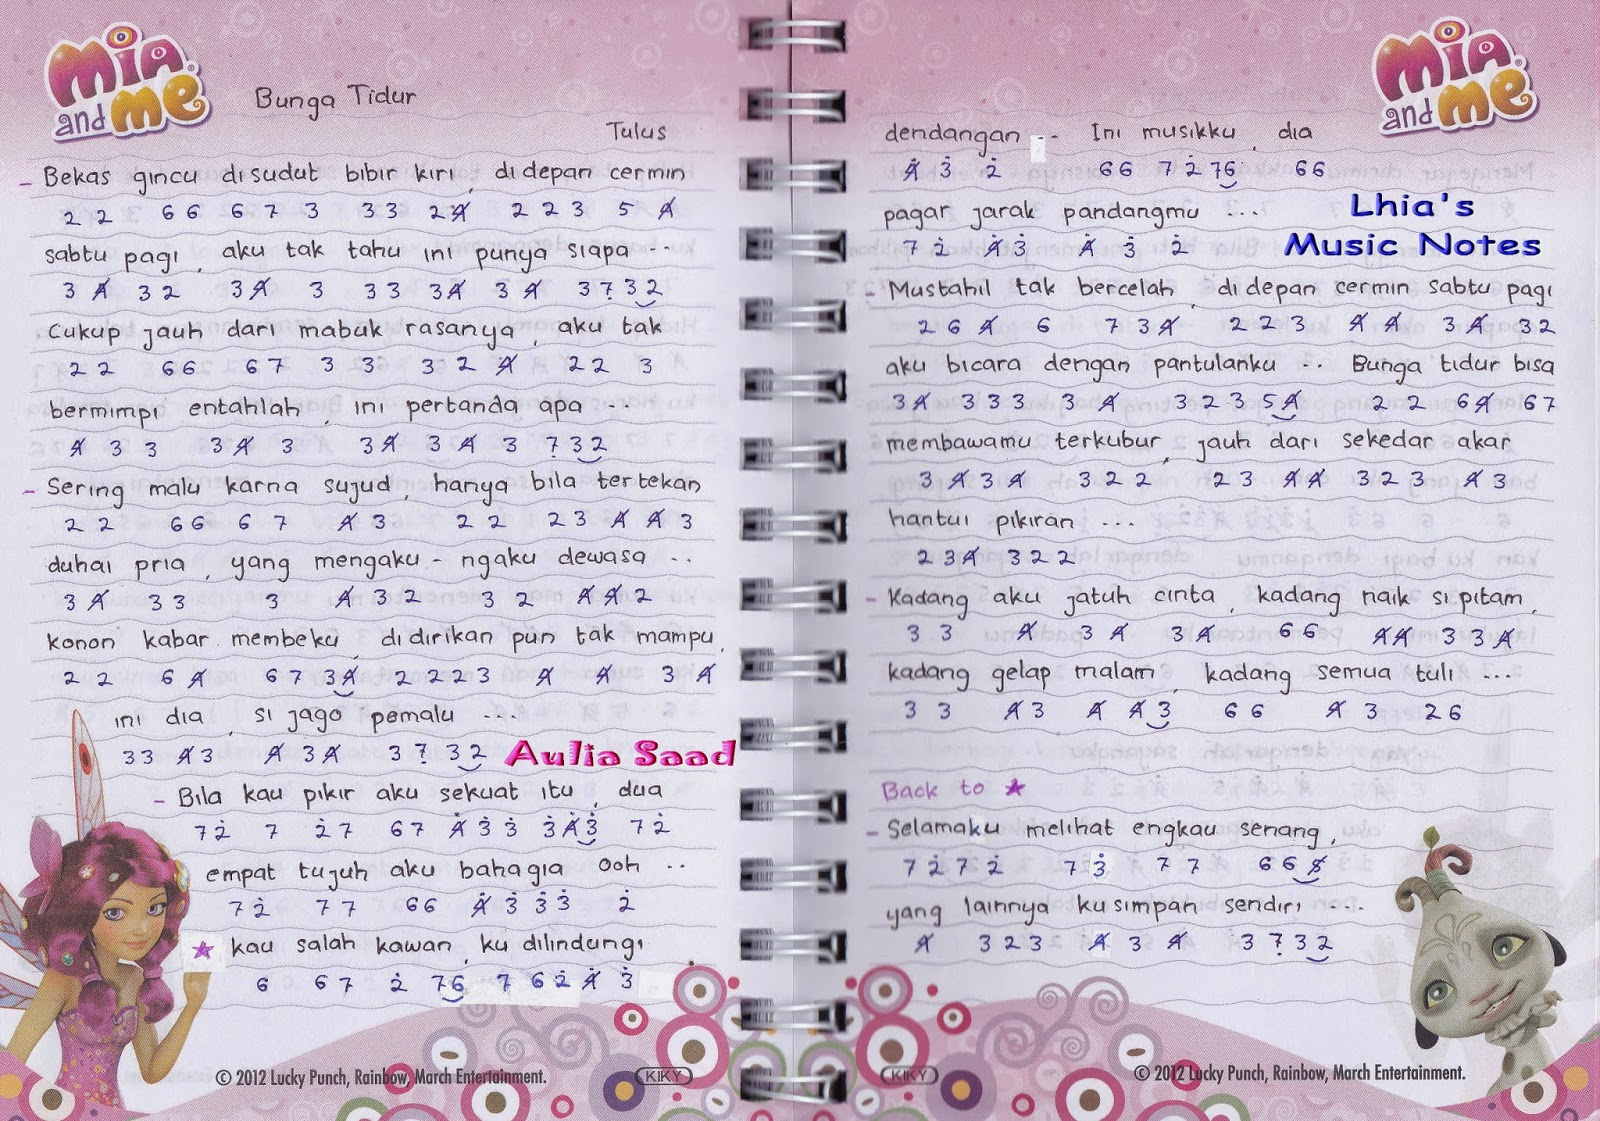 Chord Shae Sayang | chord shae sayang blackhairstylecuts ...